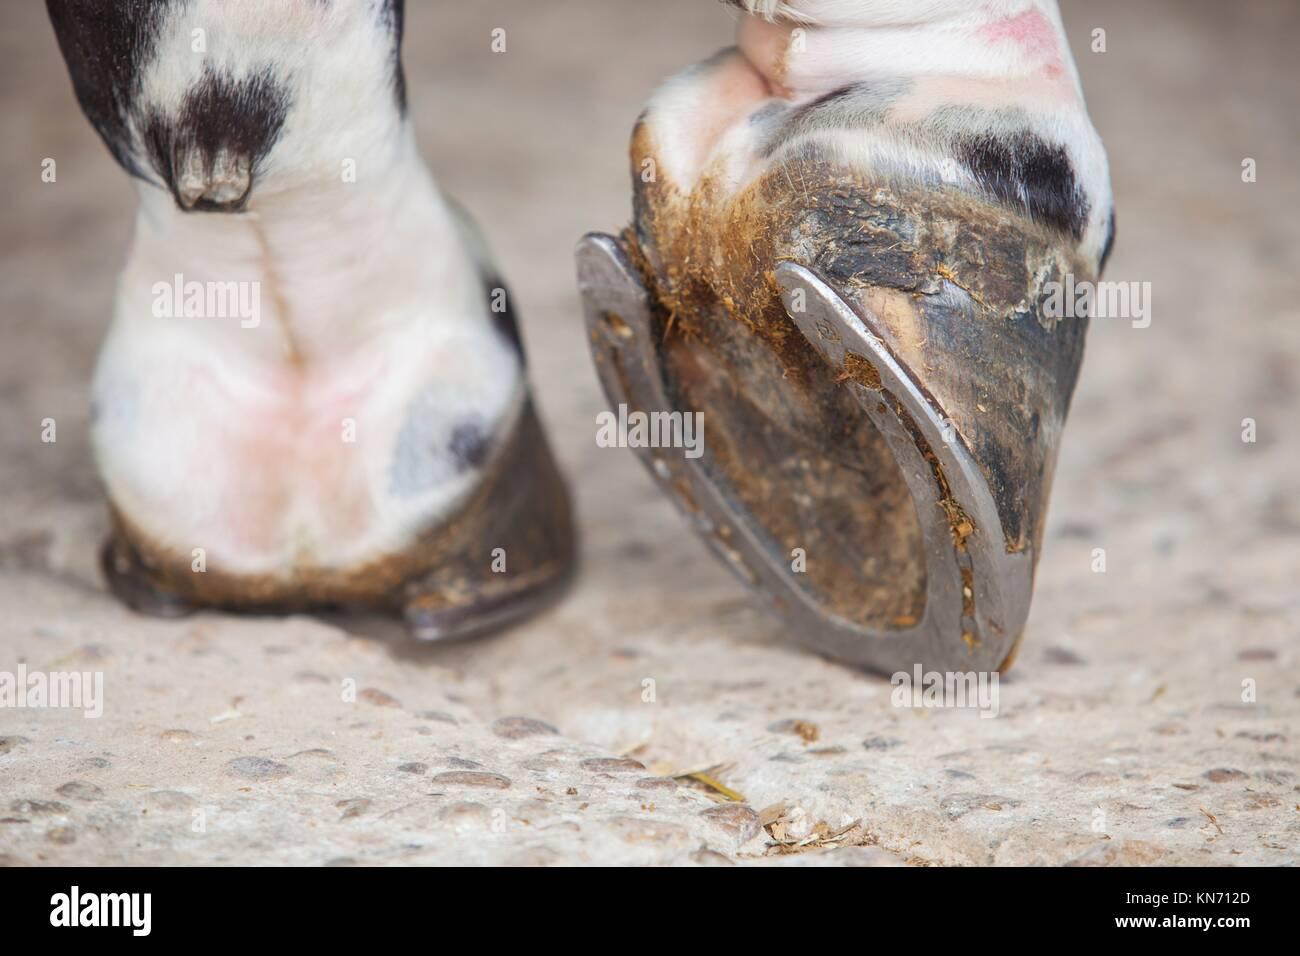 Detaillierte Ansicht des Pferdes Fuß Huf außerhalb der Ställe. Stockbild